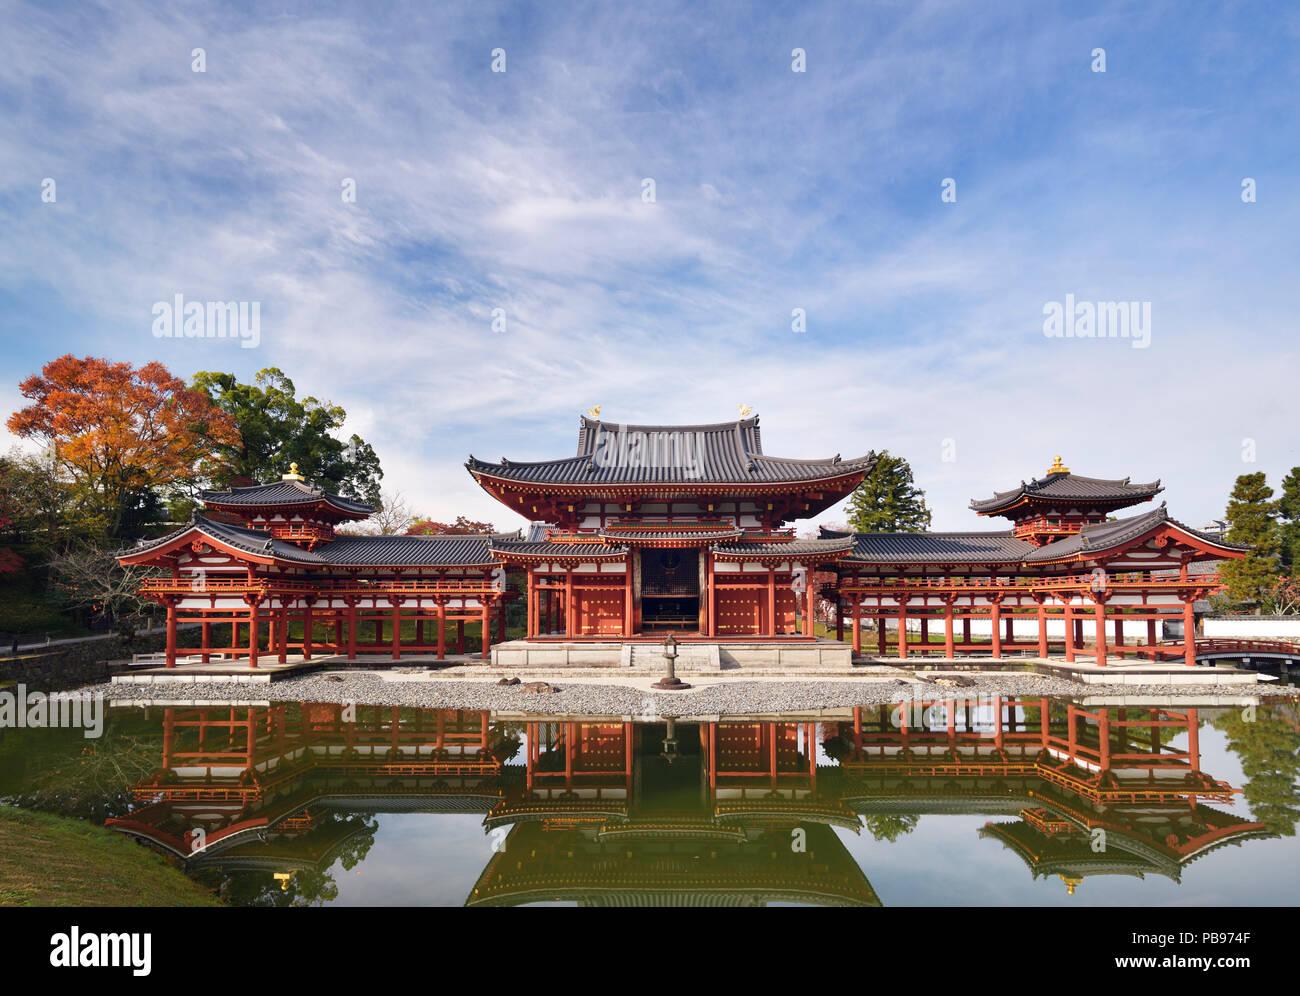 Hermosa Ave Fénix Hall, salón de amida templo Byodoin vista frontal, de pie bajo un cielo azul en la isla de Kojima Jodoshiki Entei estanque de jardín en un brillante s Imagen De Stock